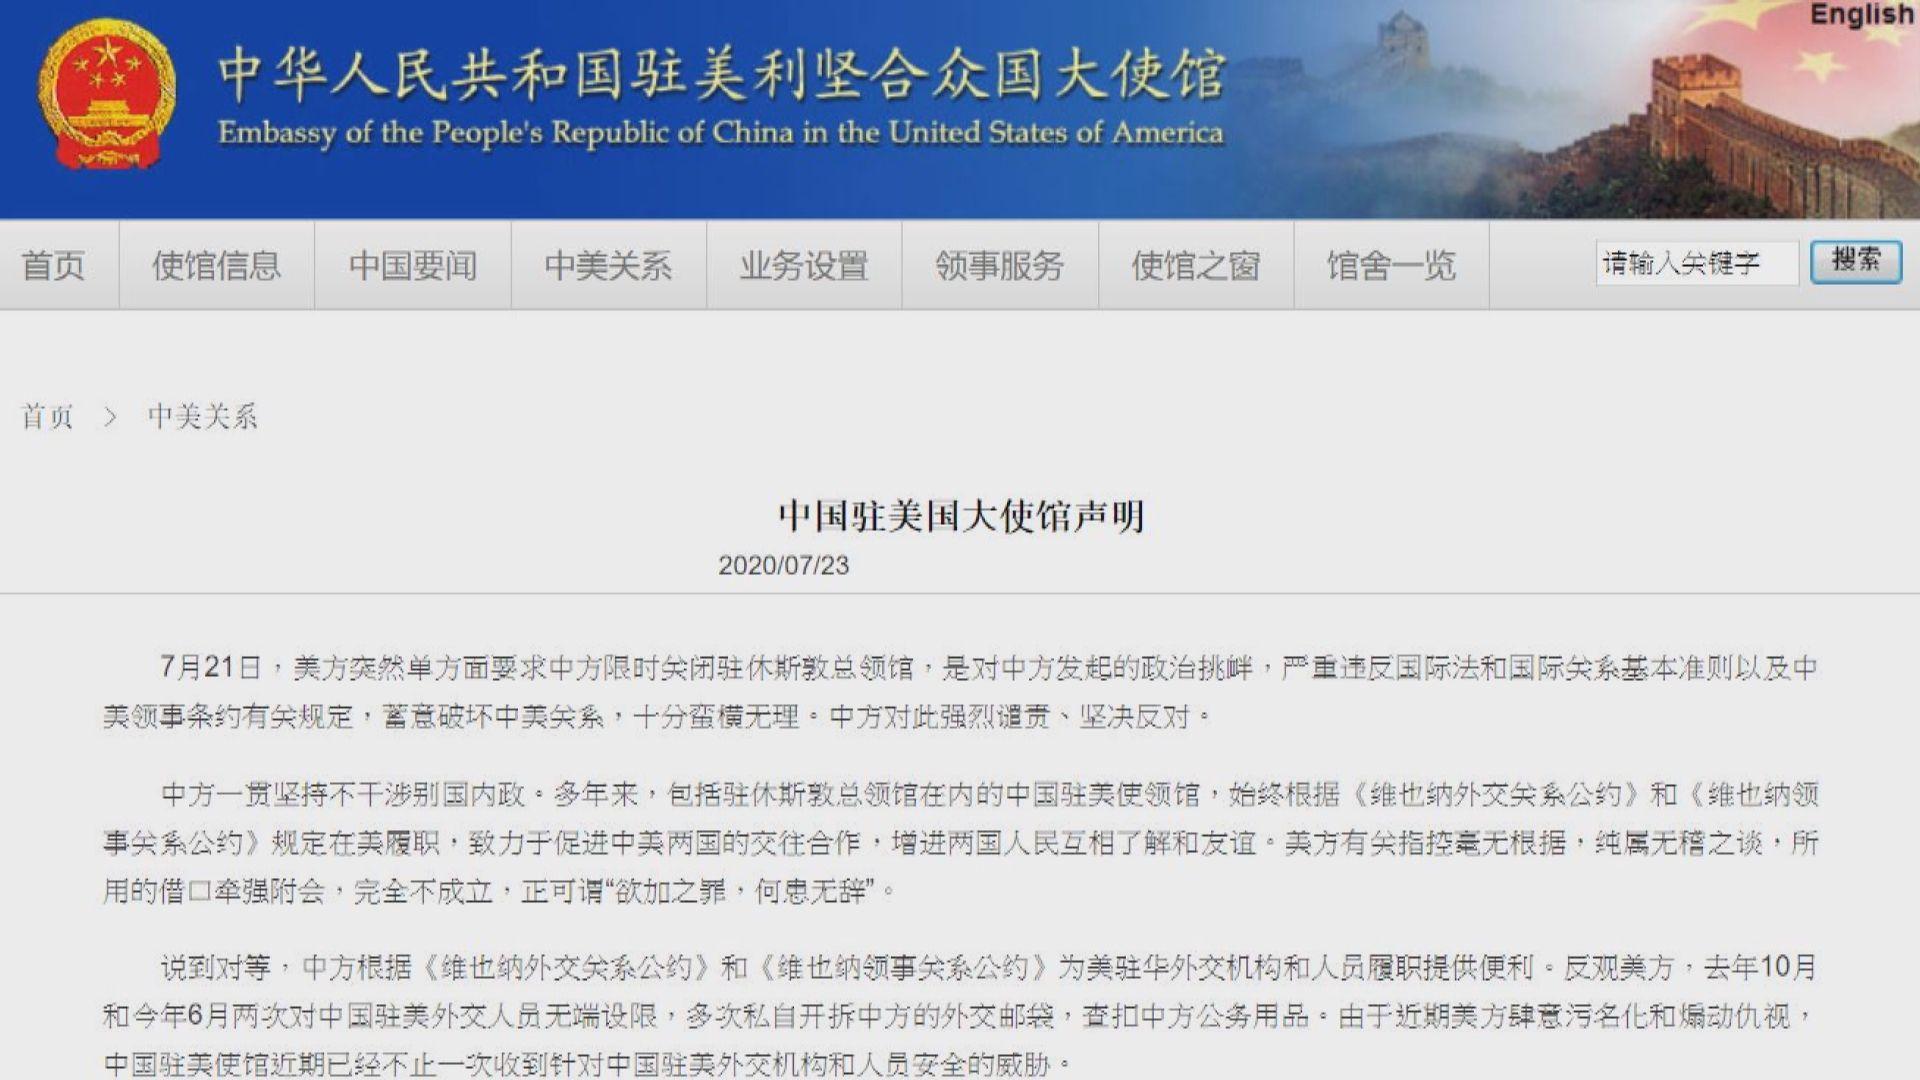 中國駐美大使館斥美國對中方發起政治挑釁